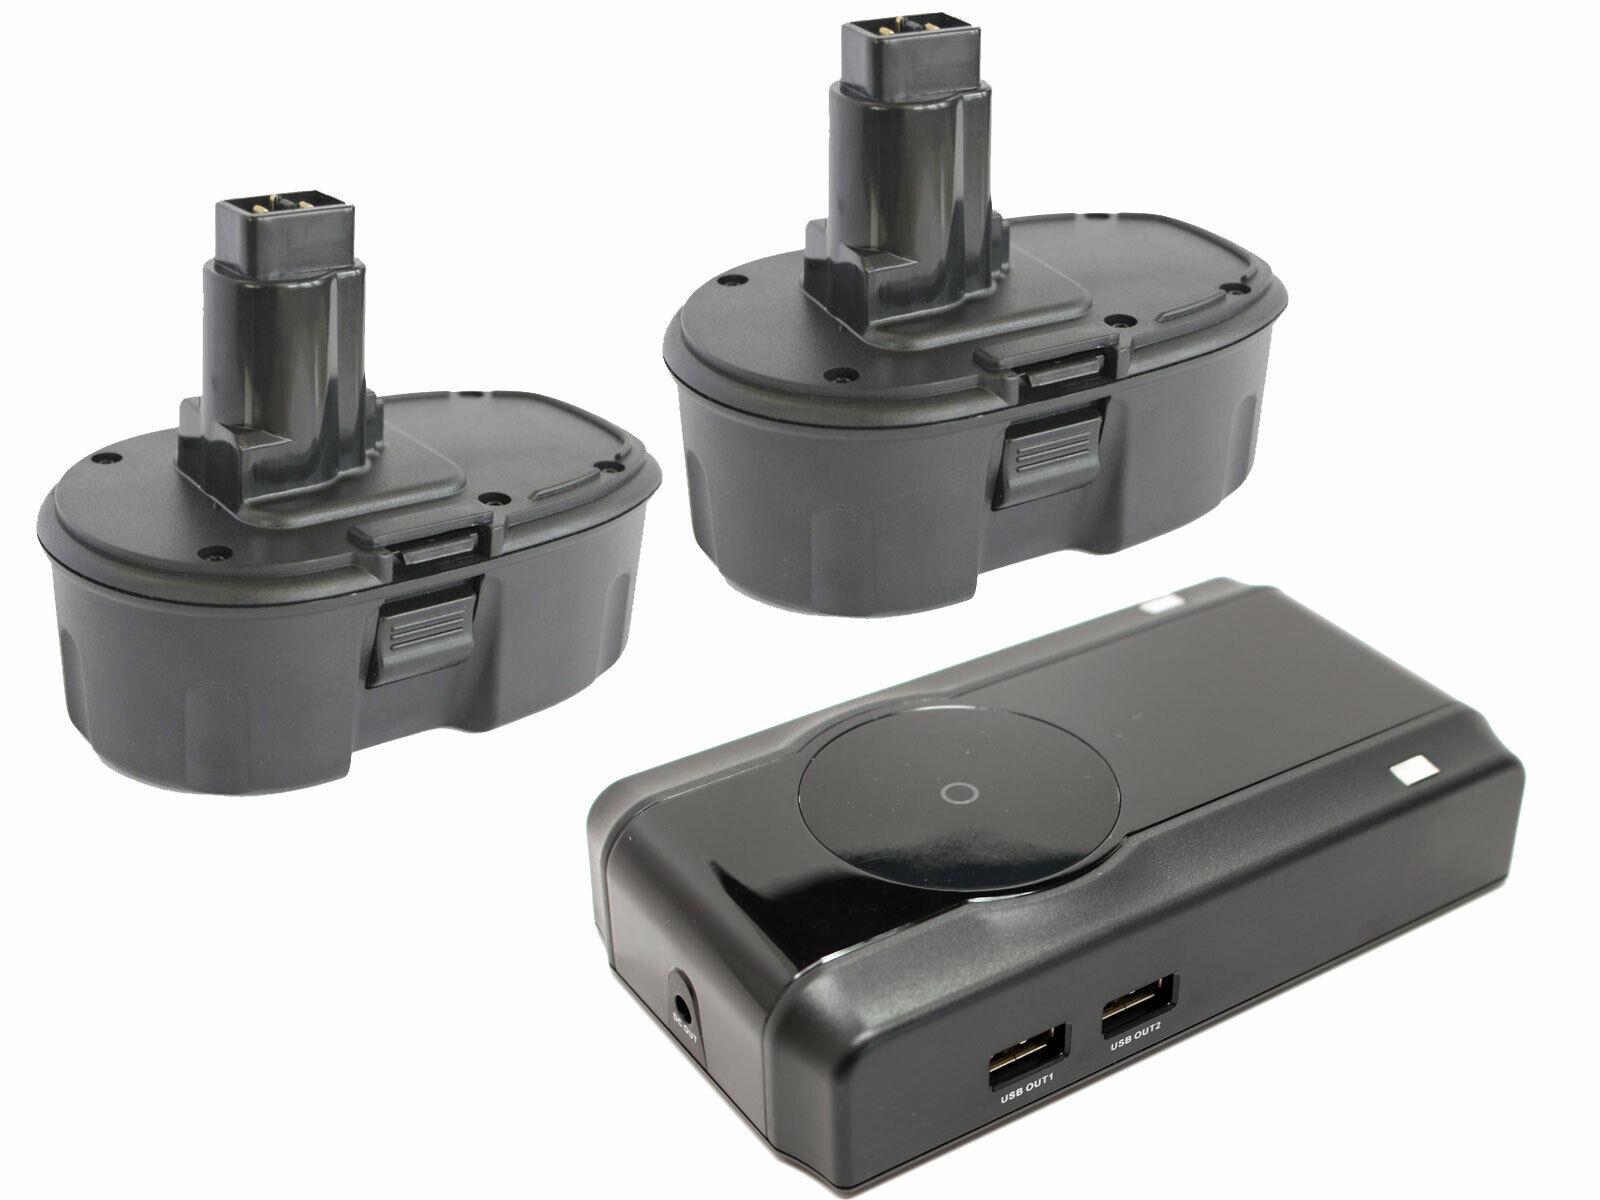 2x Battery +Charger for DeWalt DC390, DCD950KX, DC925, DW936, DC410 18V 1.3Ah